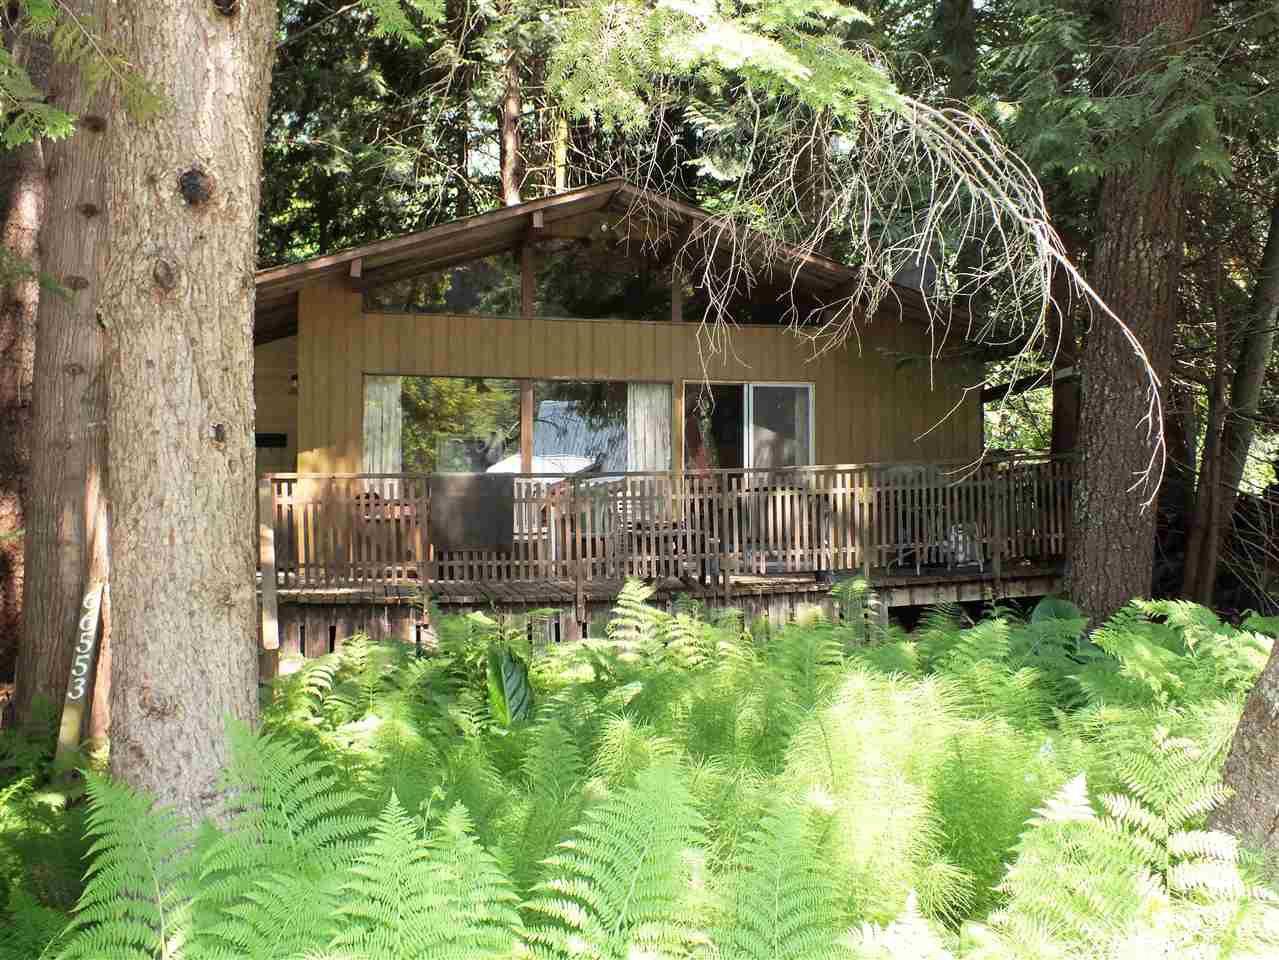 """Main Photo: 66553 SUMMER Road in Hope: Hope Kawkawa Lake House for sale in """"EAST KAWKAWA LK"""" : MLS®# R2374371"""